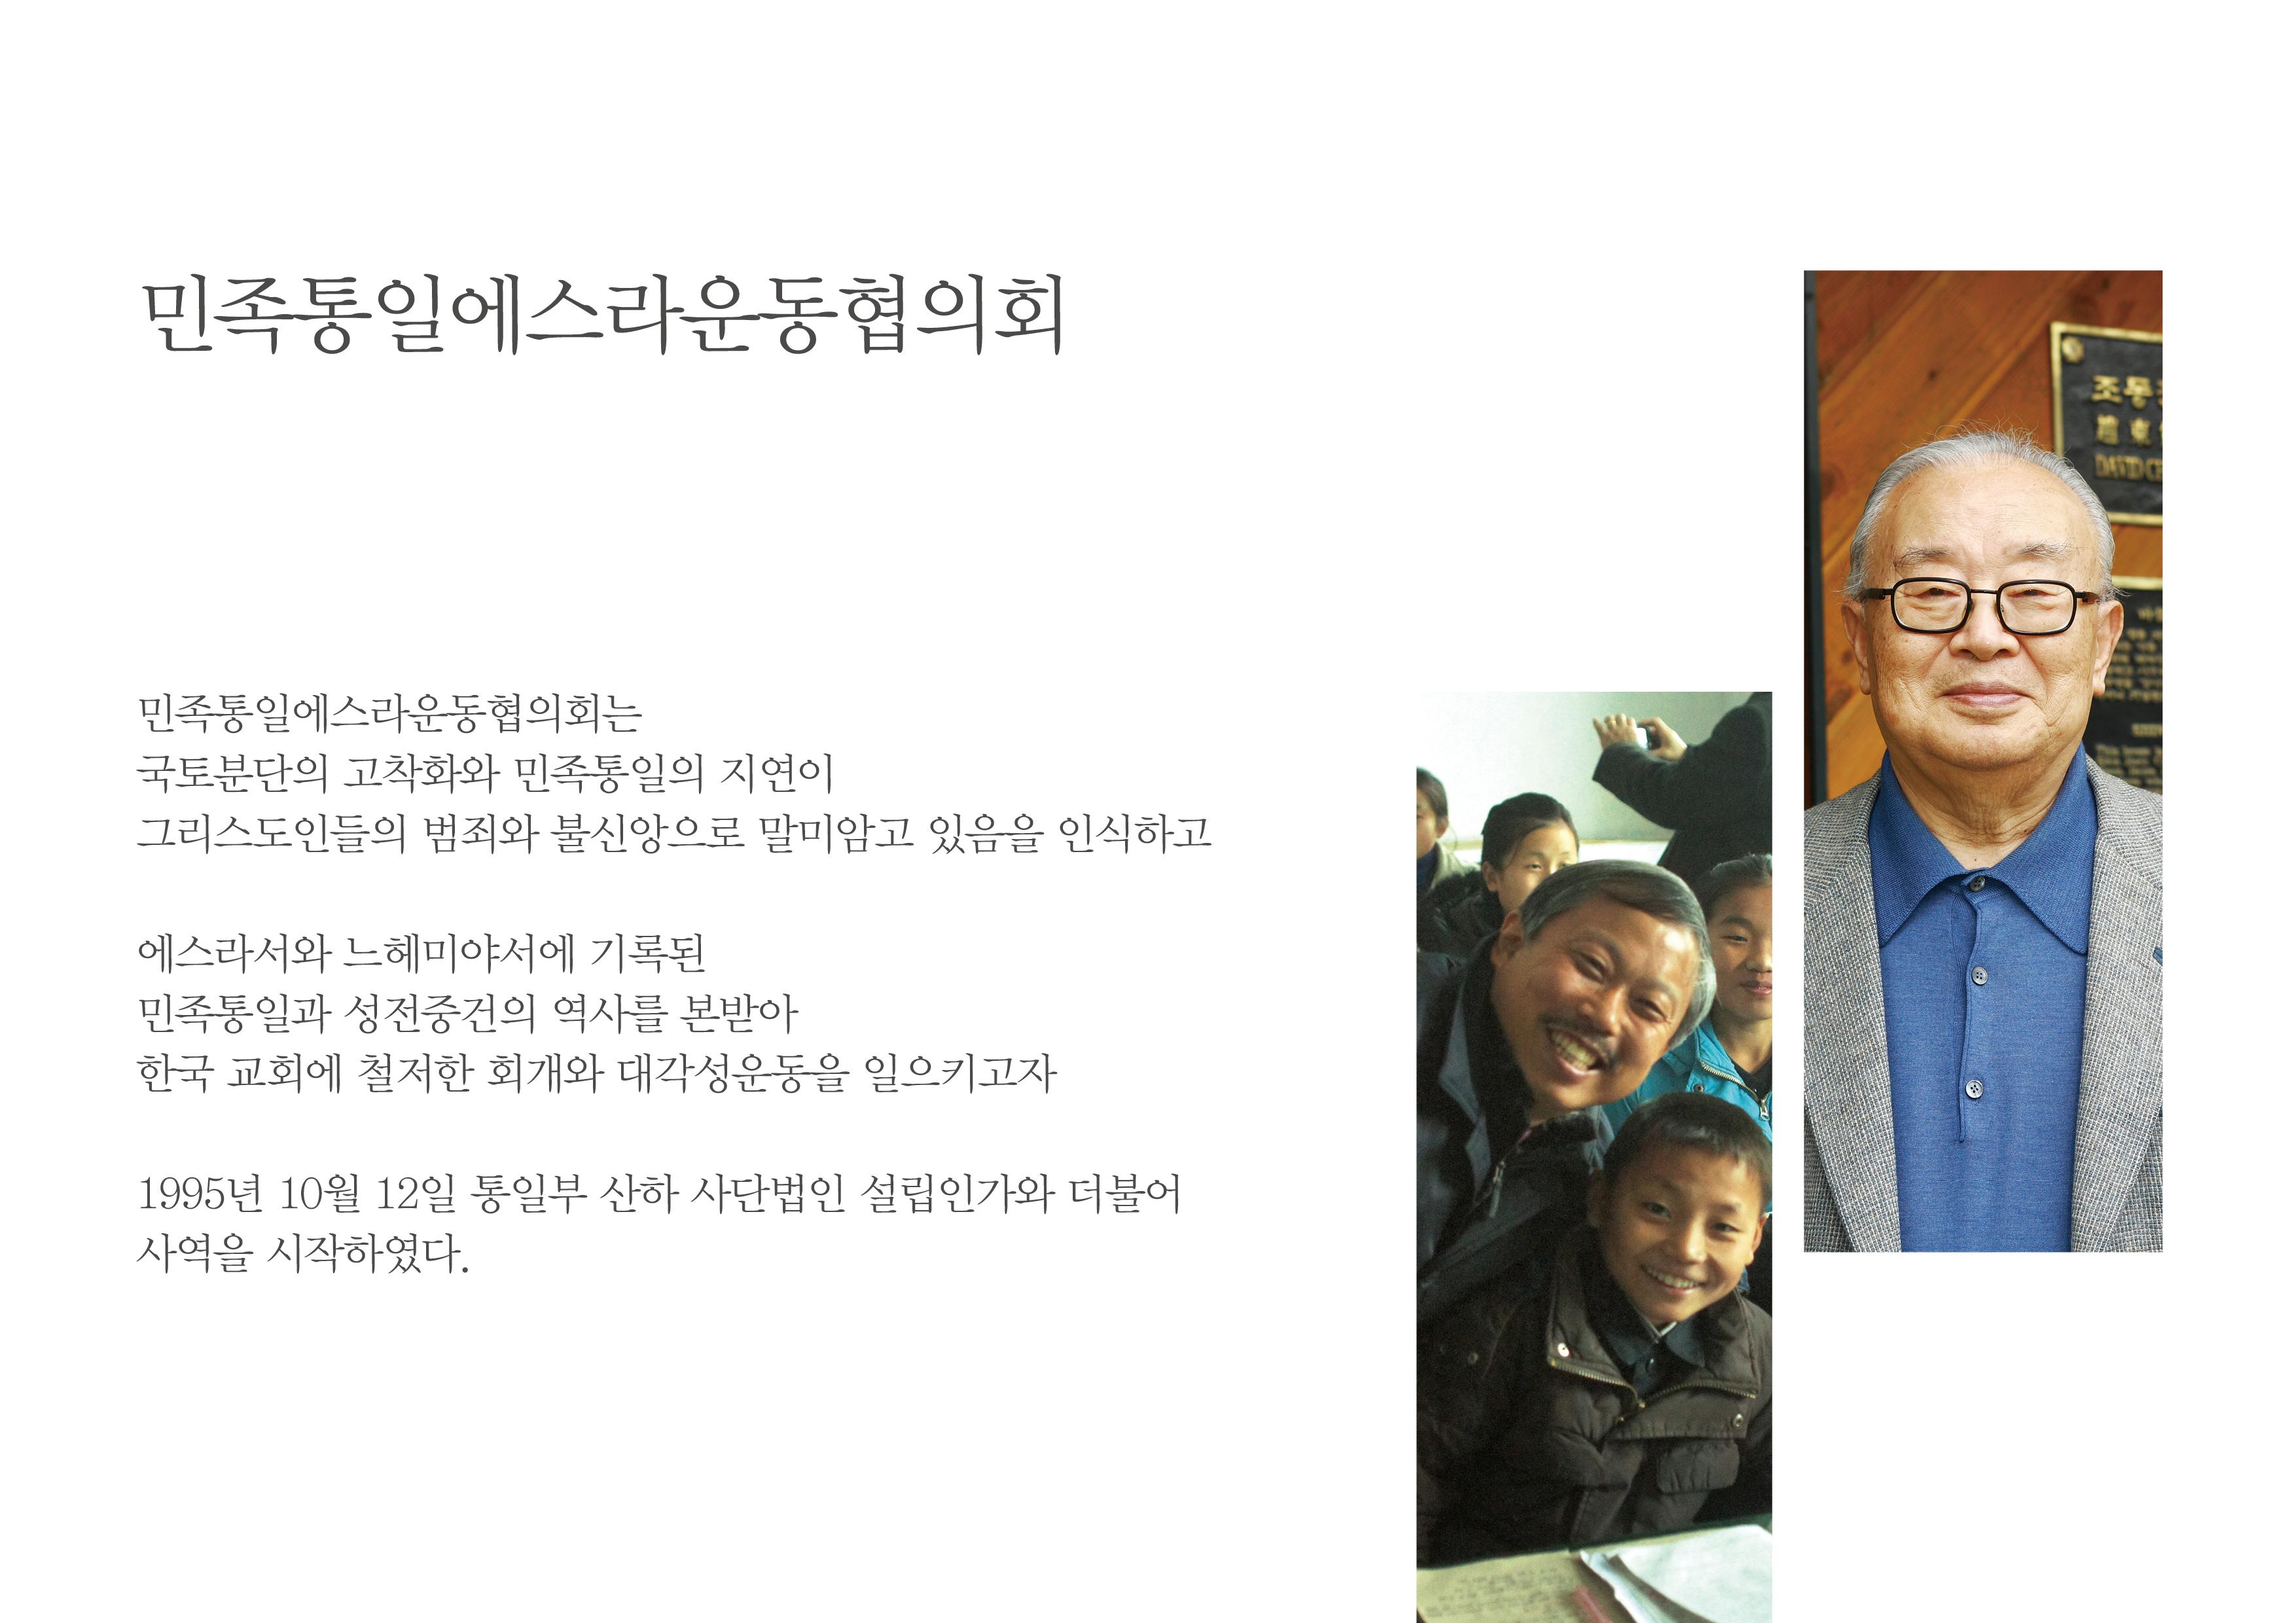 민족통일에스라운동협의회_최종2.jpg